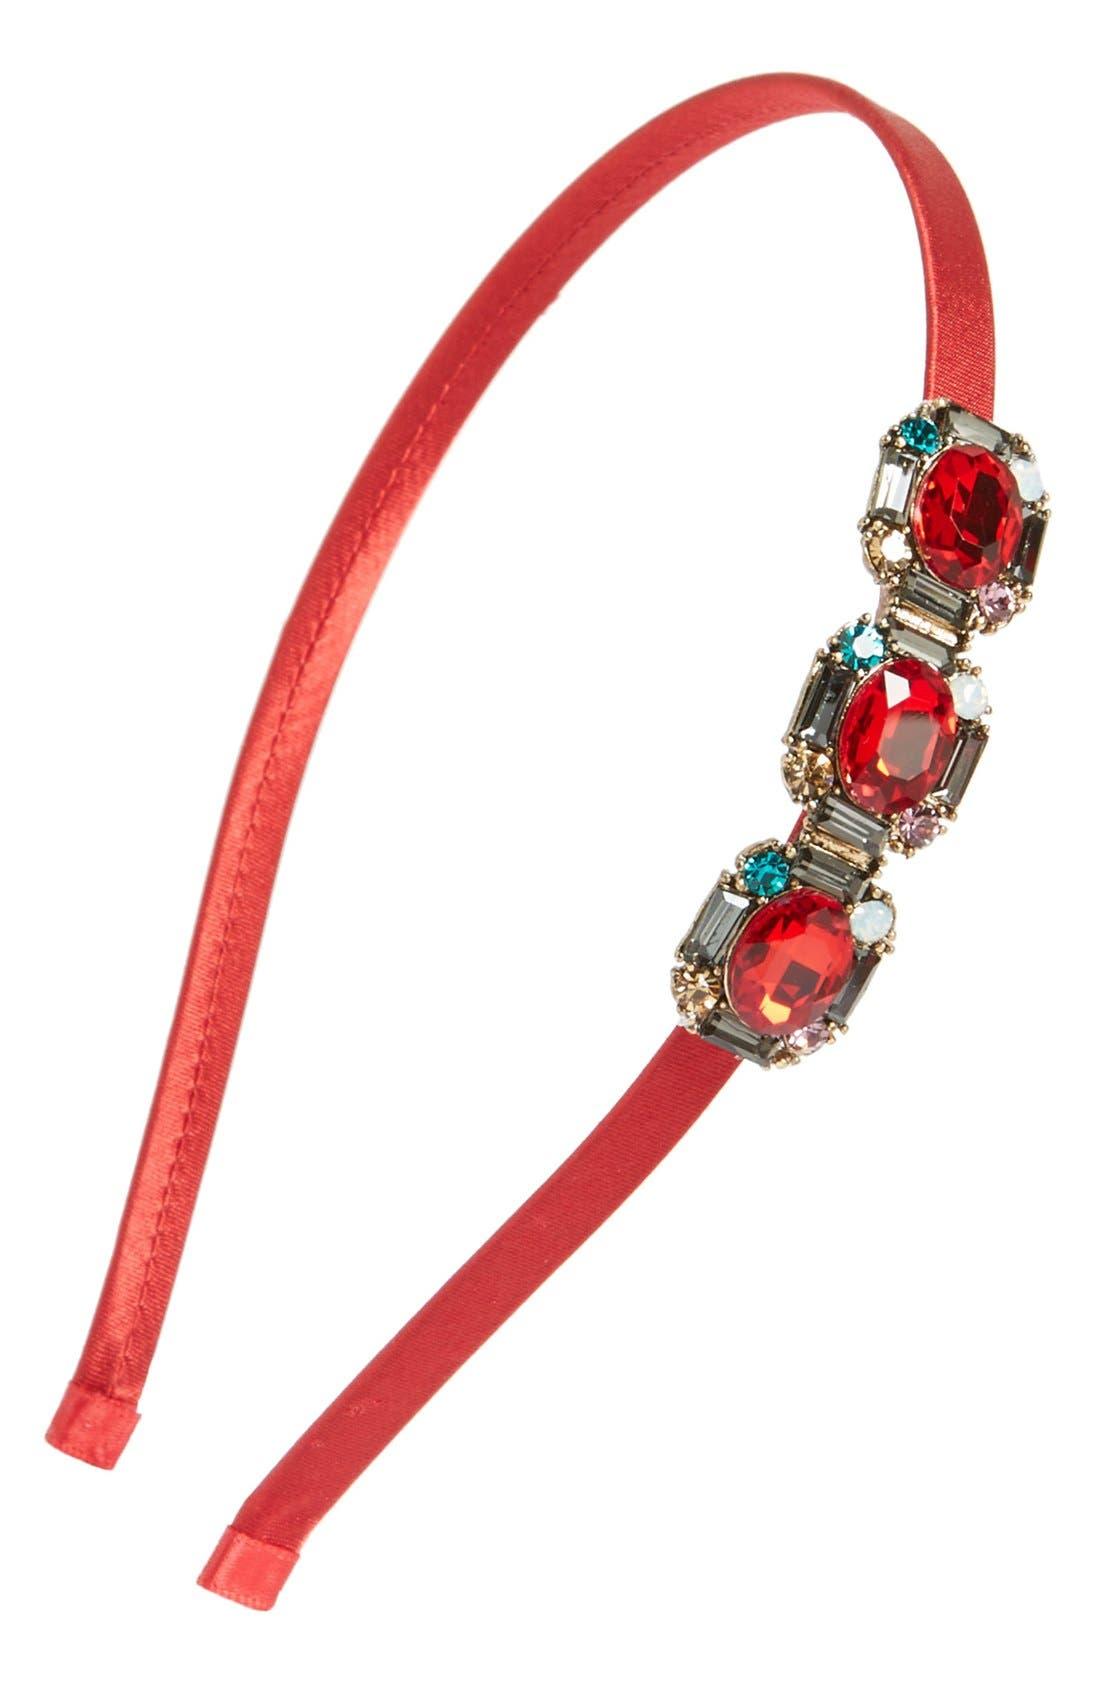 Main Image - Cara Jeweled Headband